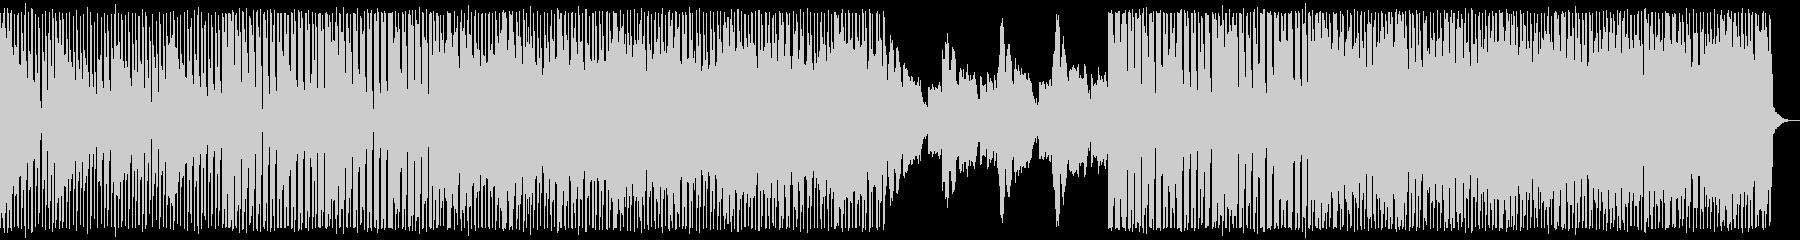 脱力感があるエレクトロ_No625_1の未再生の波形